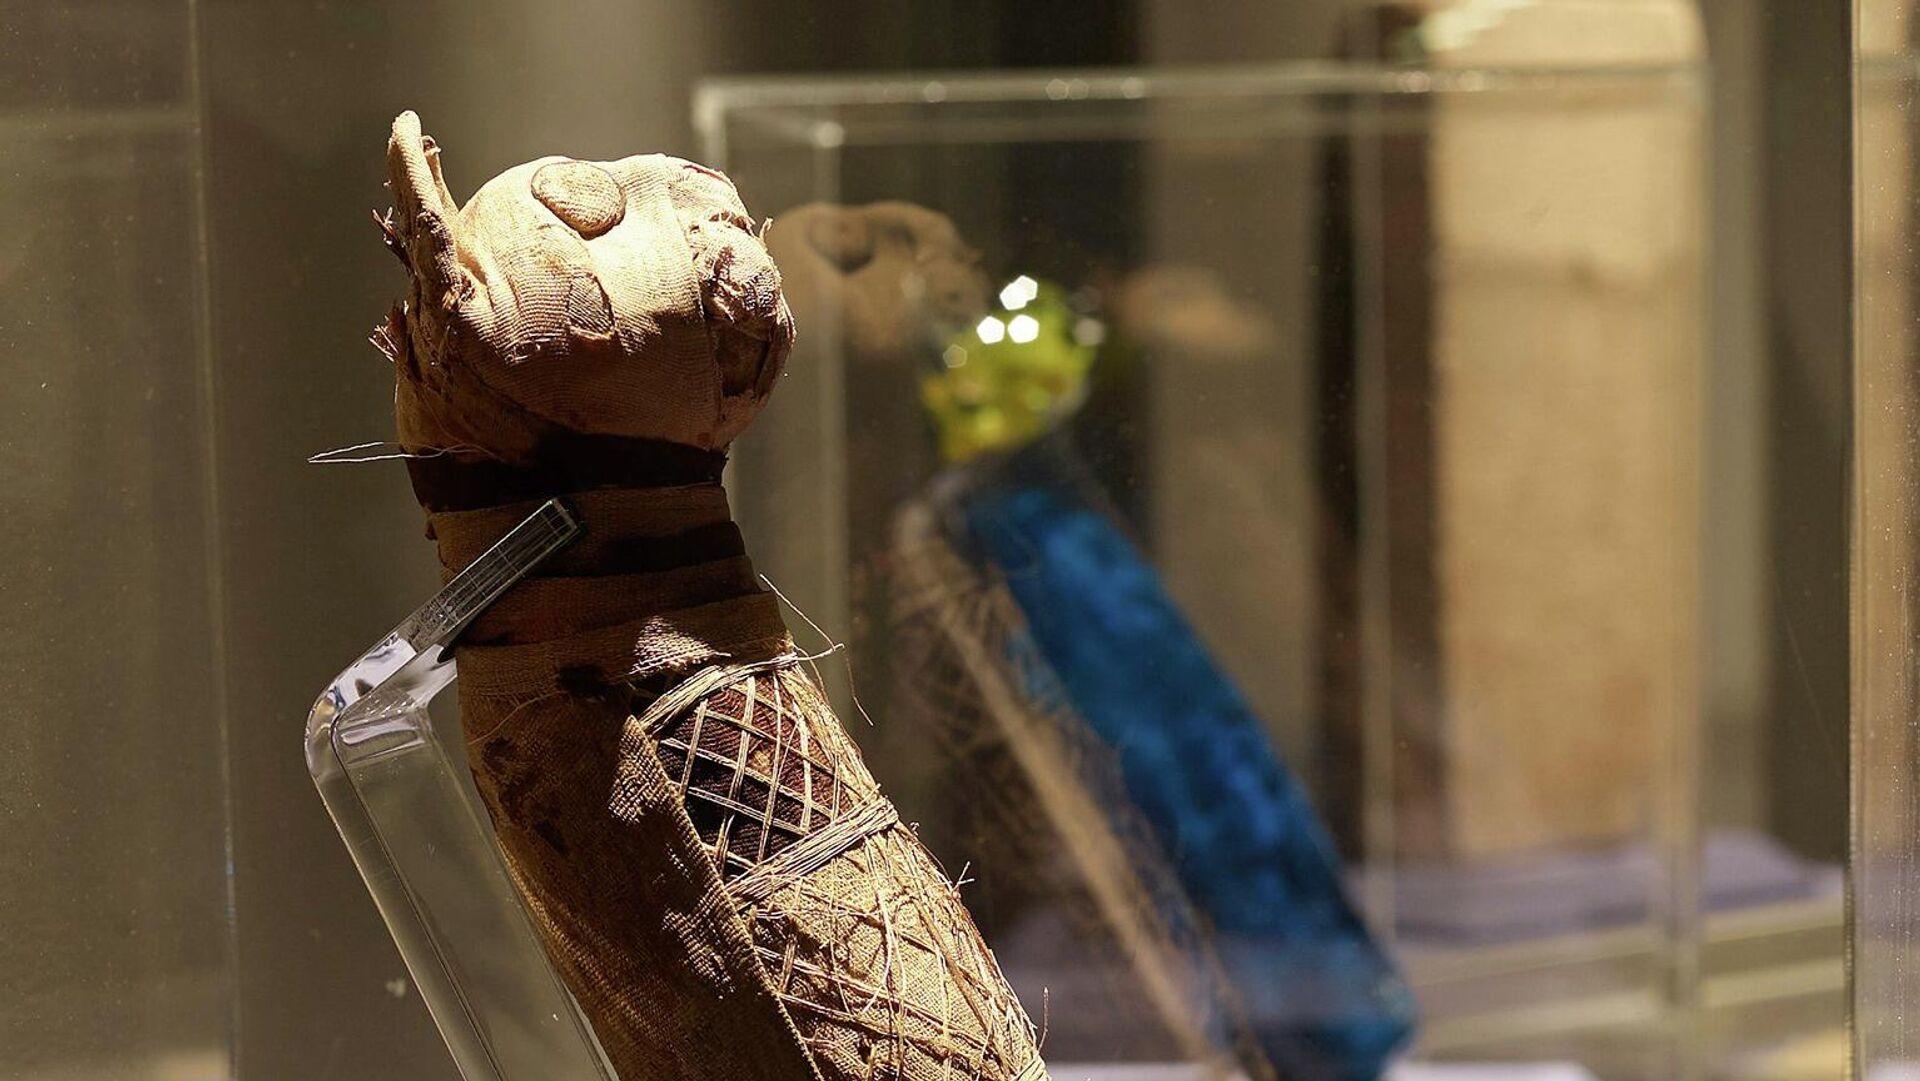 Мумия кошки в Музее изобразительных искусств в Ренне, Франция - РИА Новости, 1920, 28.10.2019